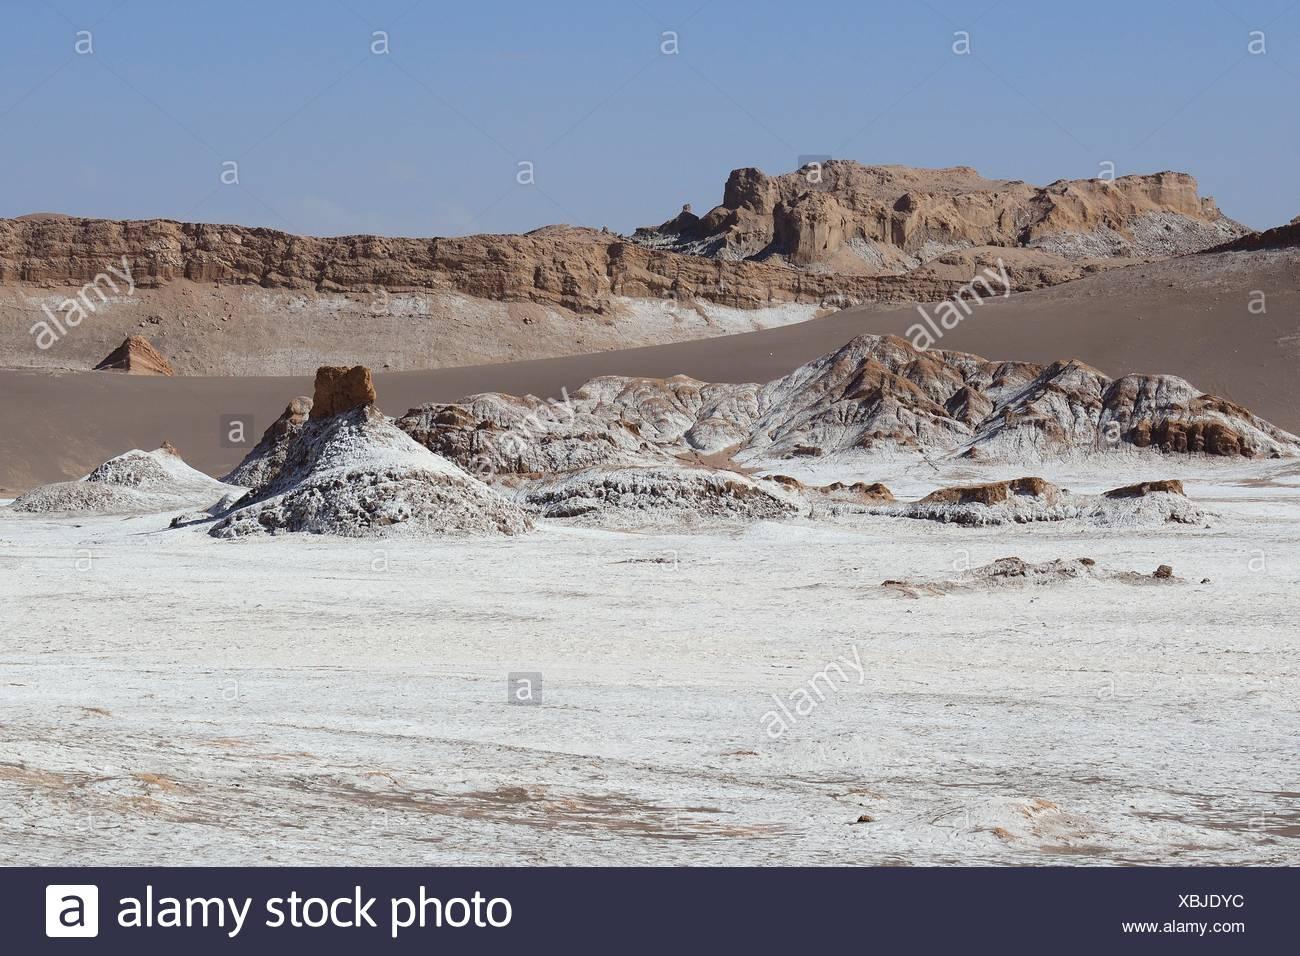 Superficie de sal en el Valle de la Luna, Valle de la Luna, San Pedro de Atacama, Antofagasta, Chile Imagen De Stock